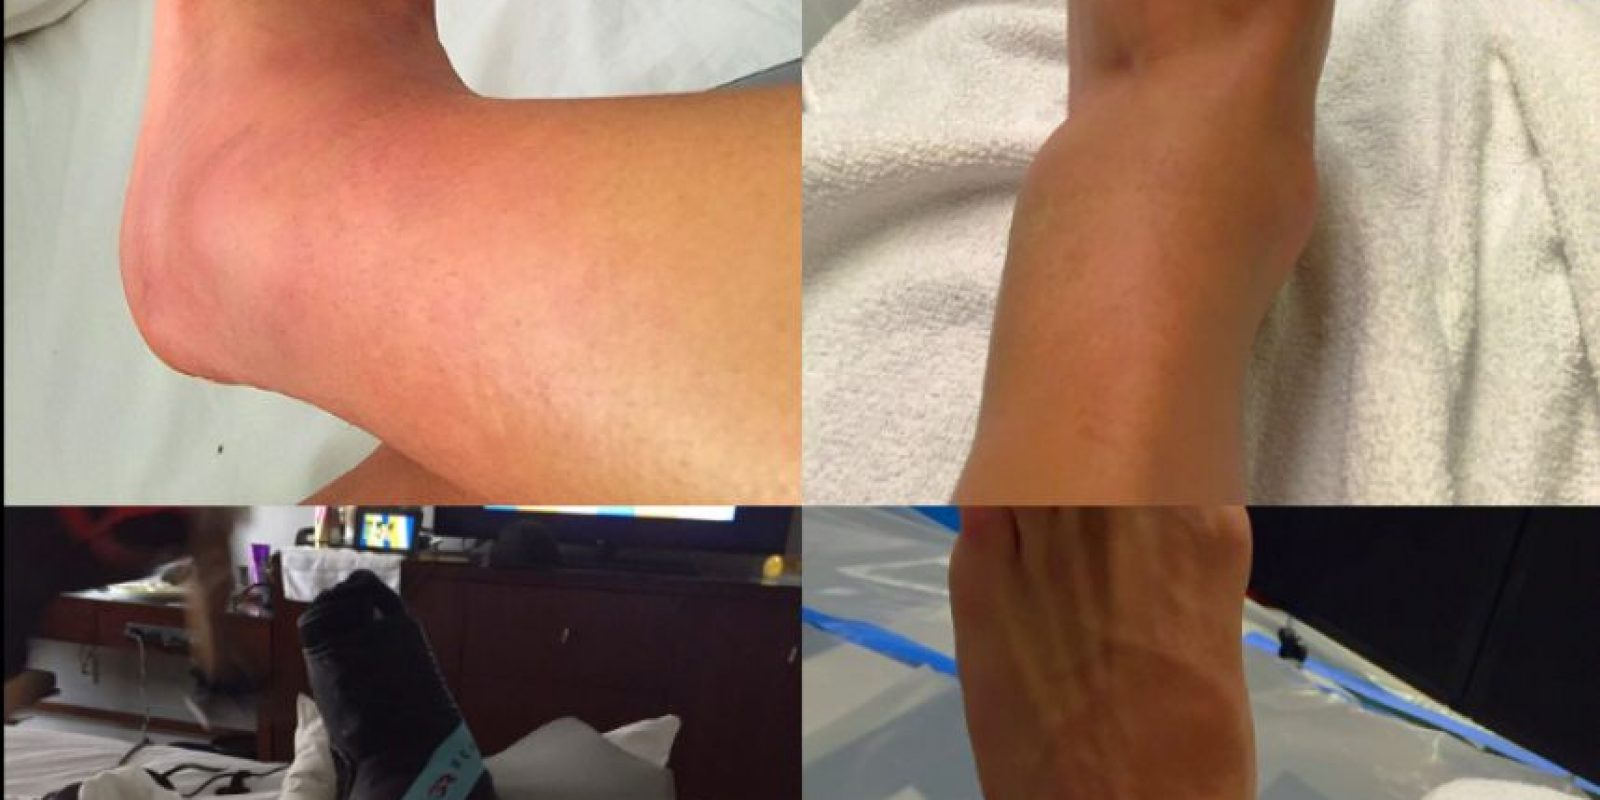 Luego del encuentro, Alexis Sánchez subió una foto del estado de su tobillo Foto:Getty Images